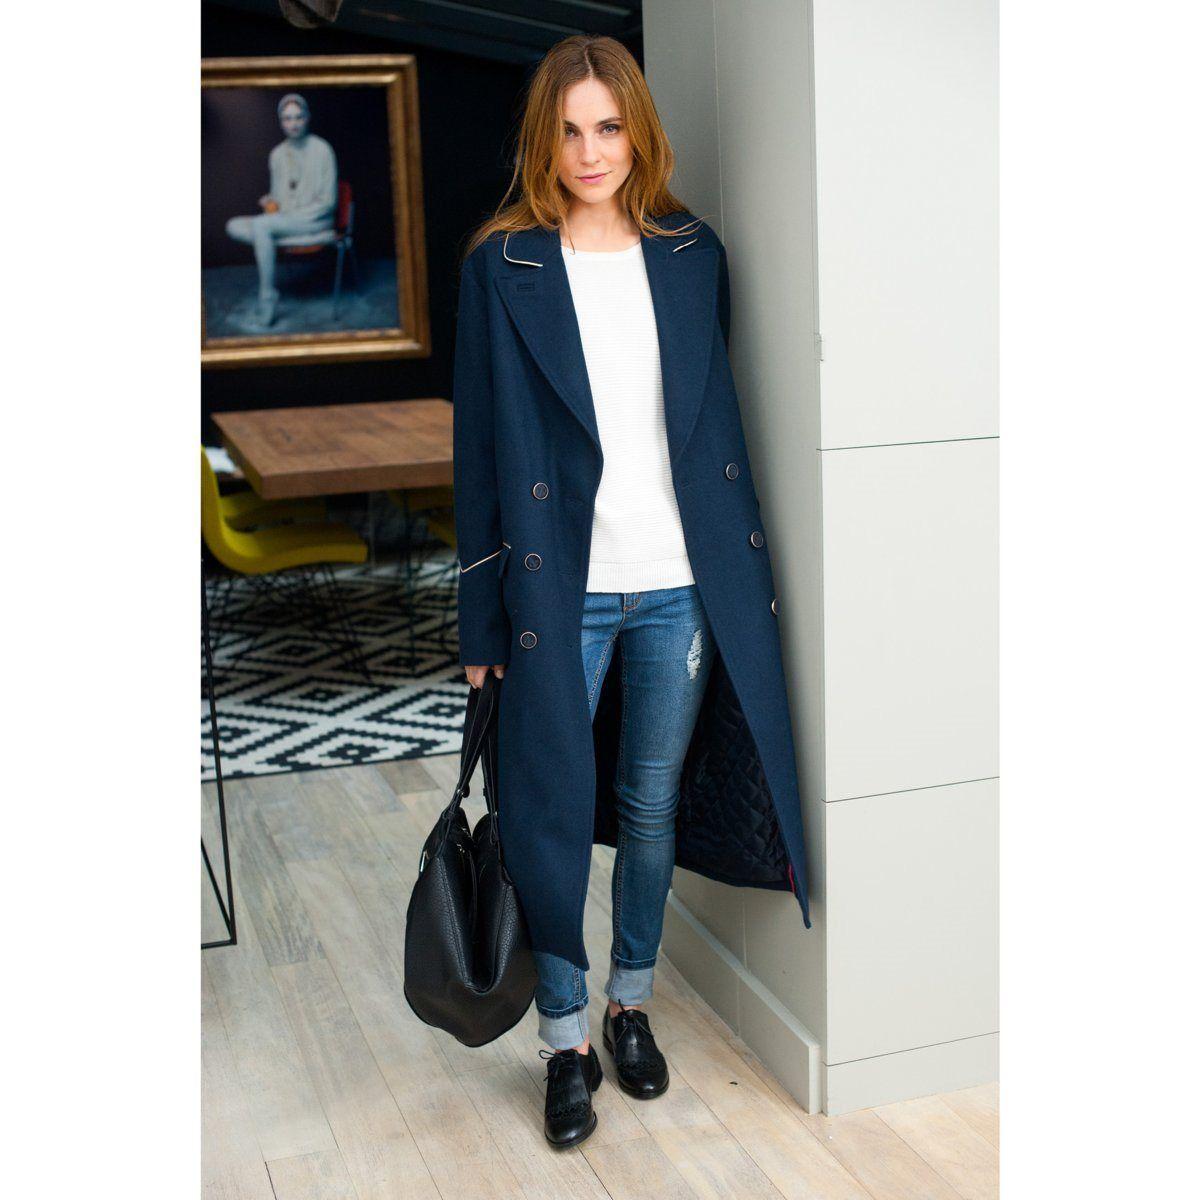 Бушлат длинный, 60% шерсти Soft Grey | купить в интернет-магазине La Redoute